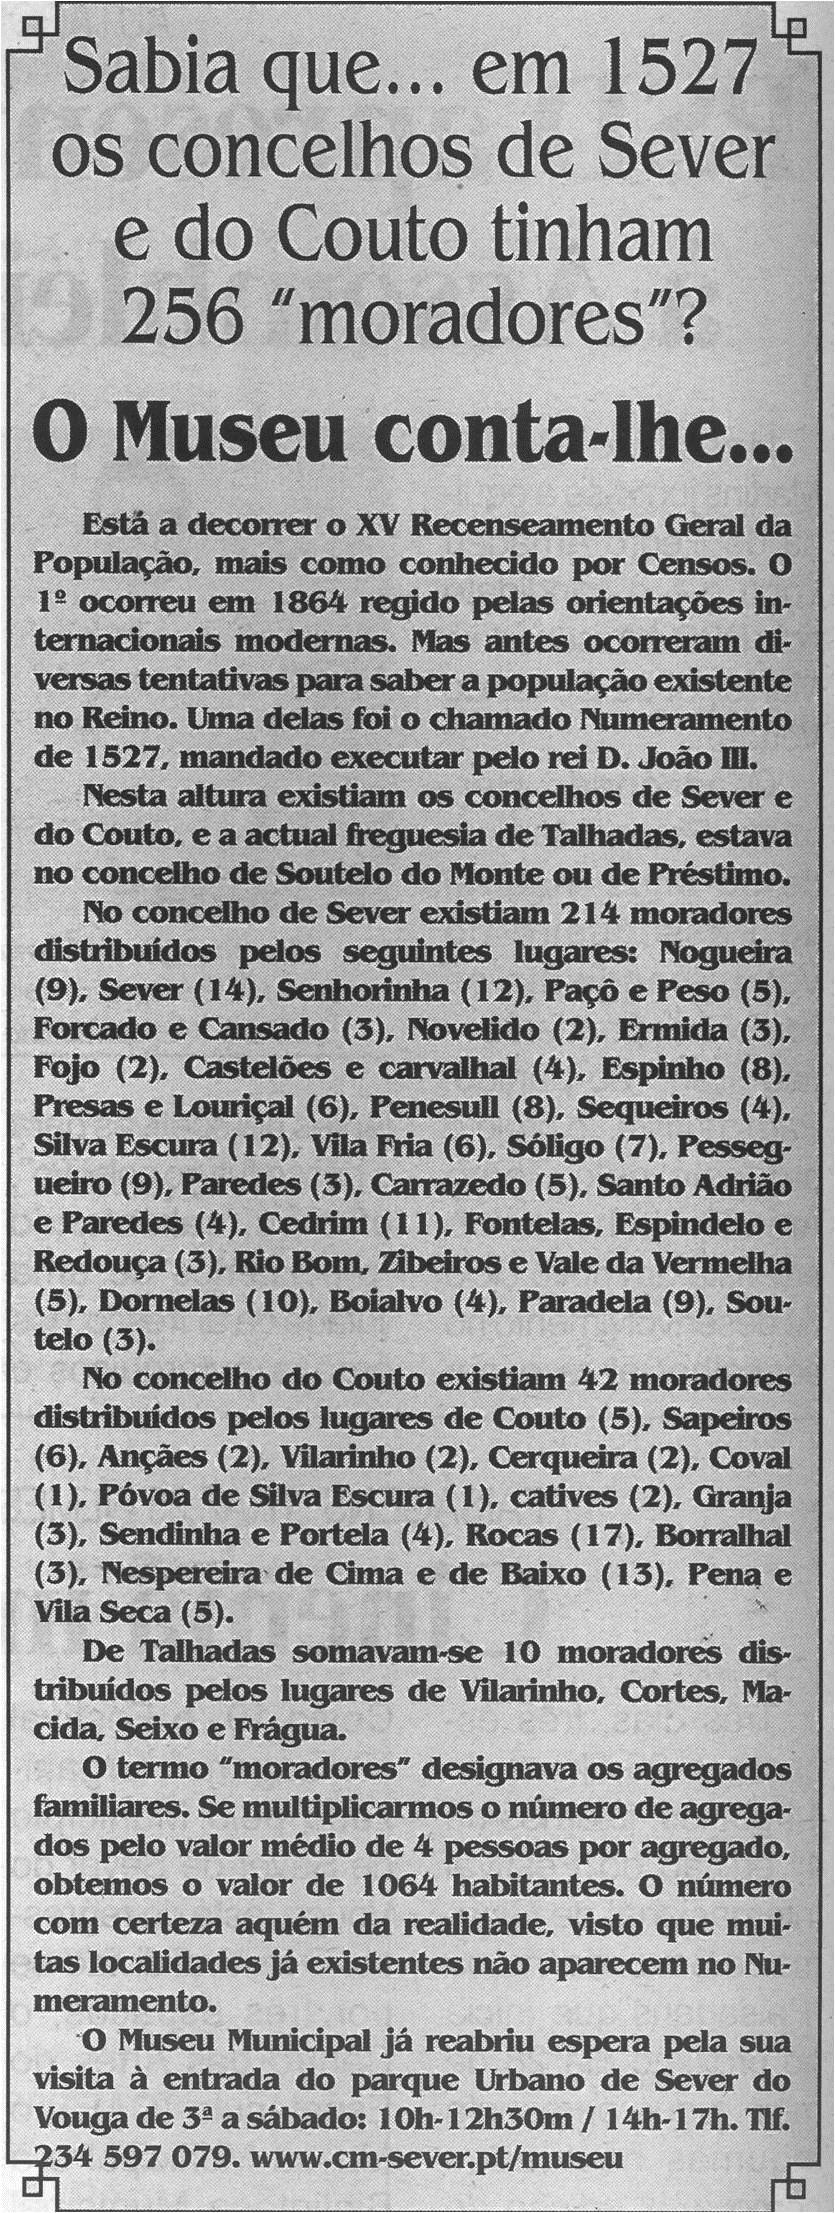 BV-2.ªmaio'21-p.6-O Museu conta-lhe : Sabia que em 1527 os Concelhos de Sever e do Couto tinham 256 moradores?.jpg